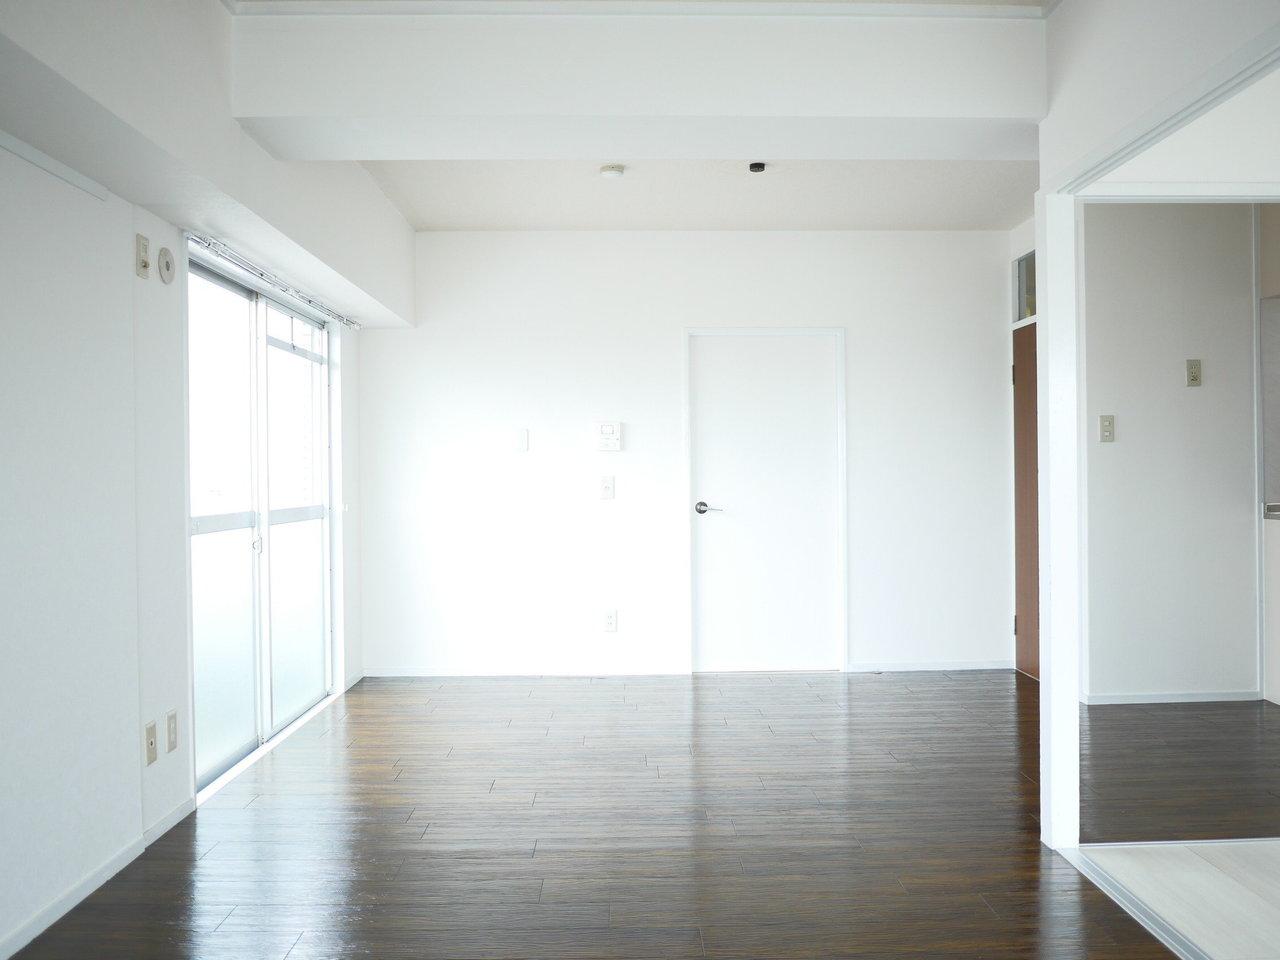 L字型になったリビングは、15畳。窓からたっぷりと陽射しが差し込み、白を基調とした空間を、ダークブラウンの床が引き締めてくれます。